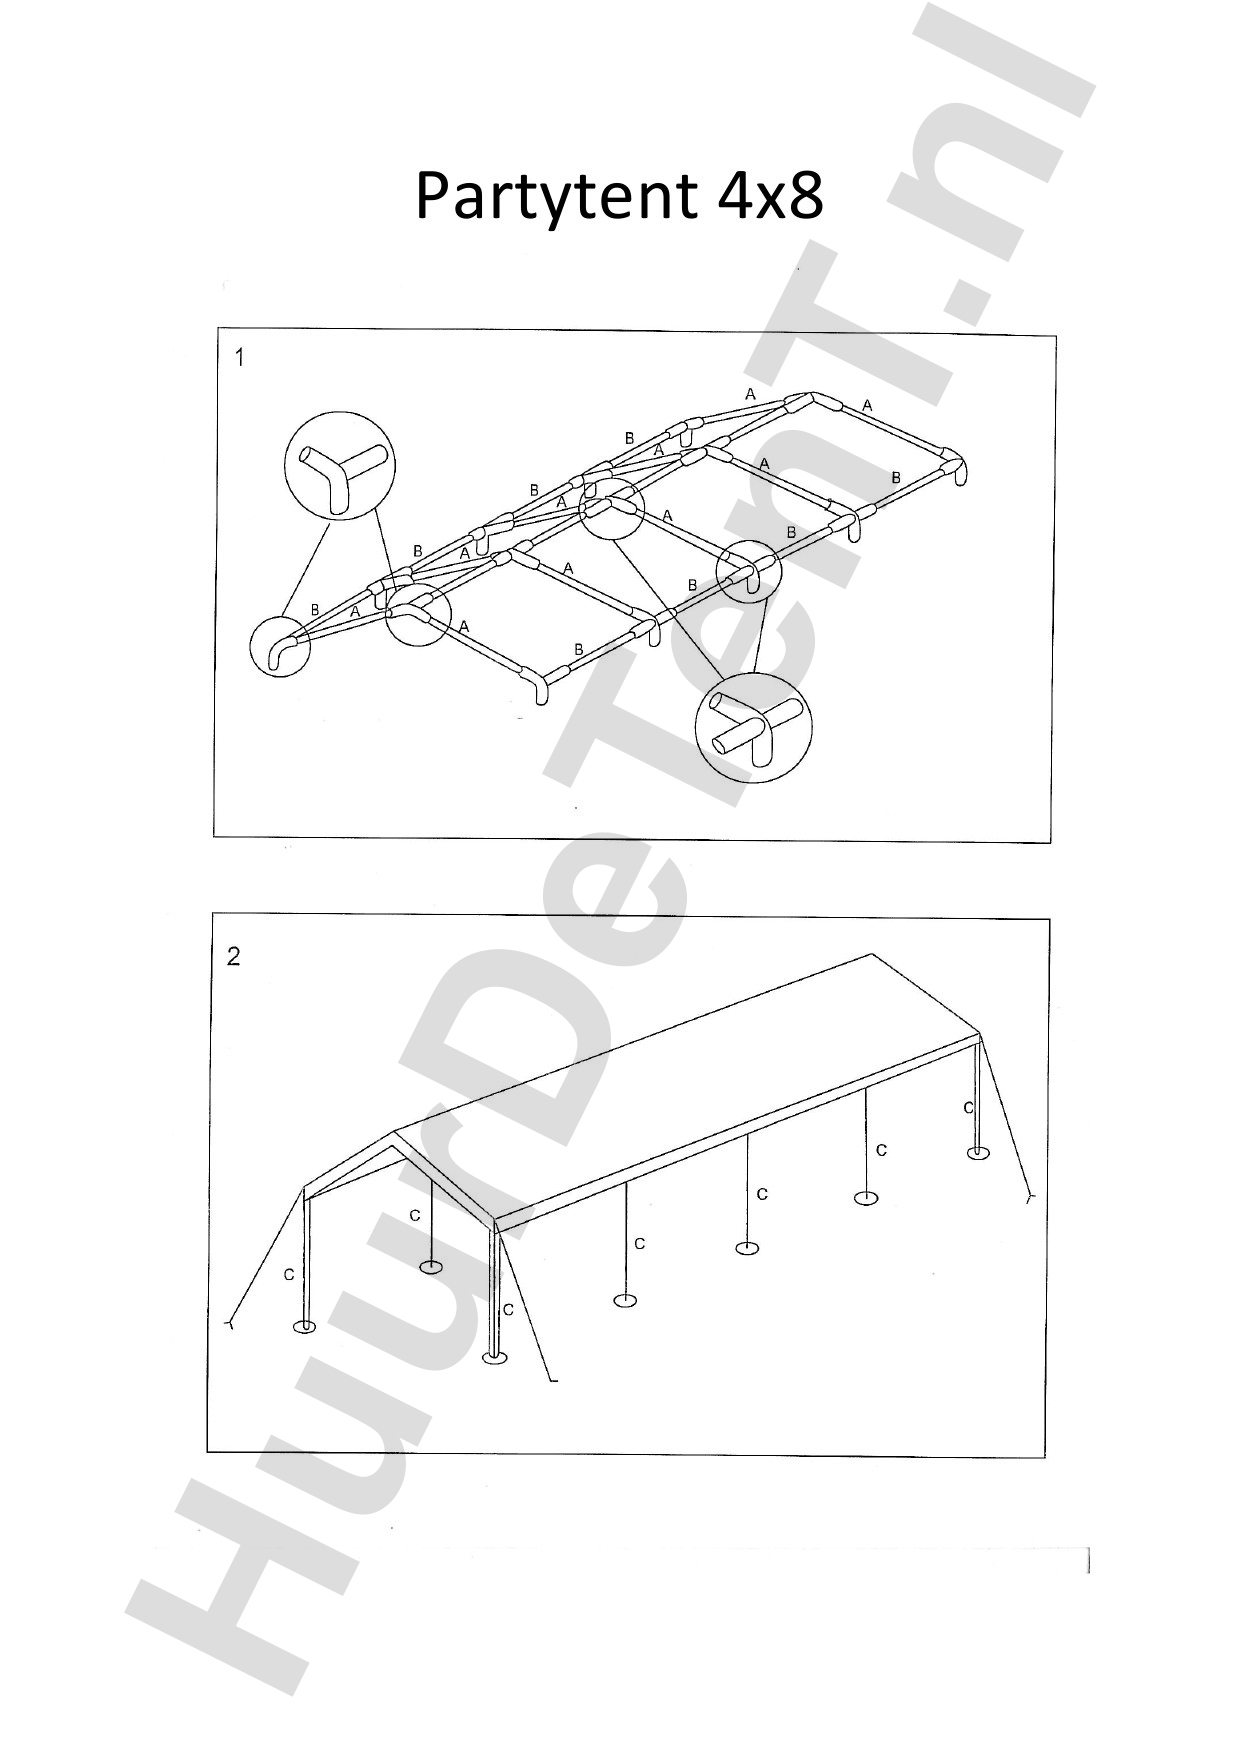 Zelfbouw instructies 4x8 Partytent - Huurdetent.nl